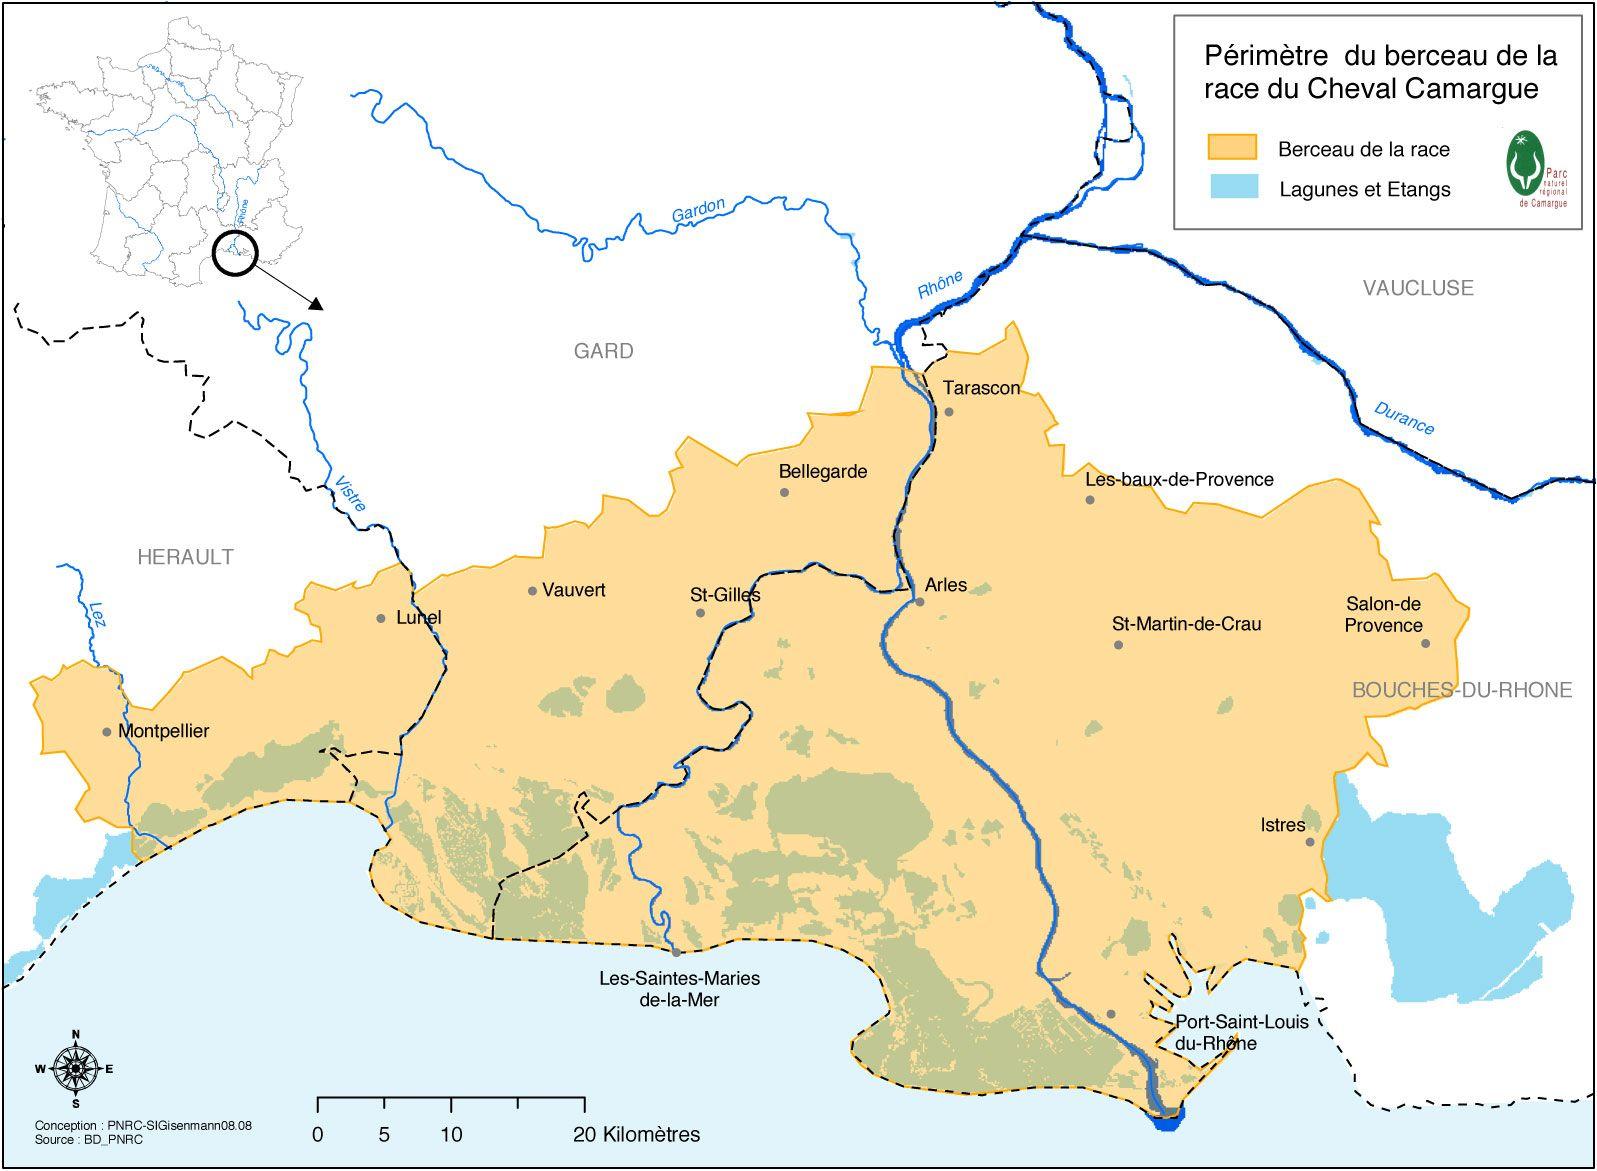 Le Berceau De Le Race Du Cheval De Camargue Camargue Horse